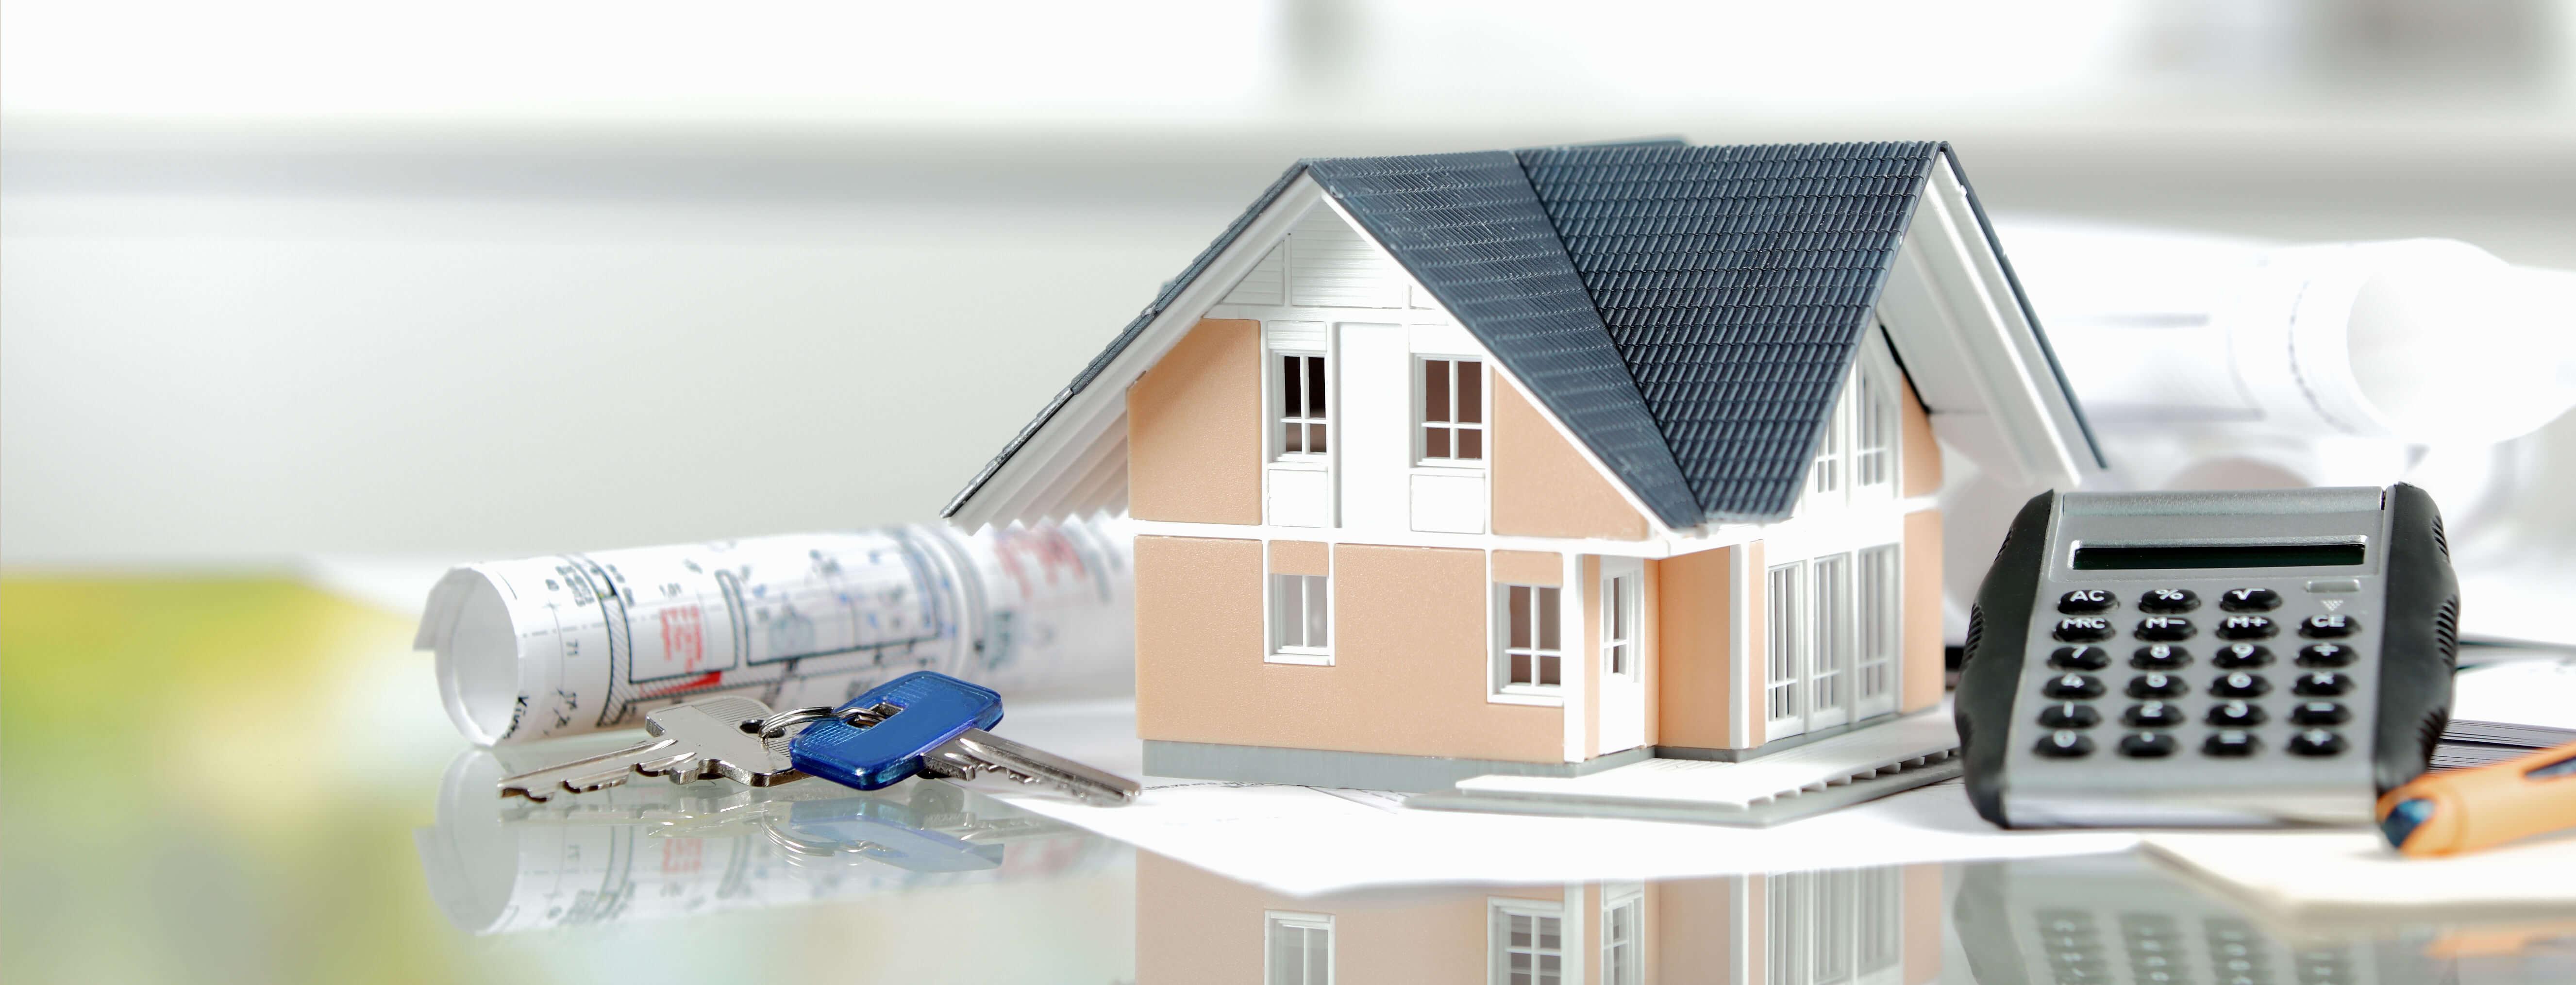 hypotheek berekenen met overwaarde de maandlasten en